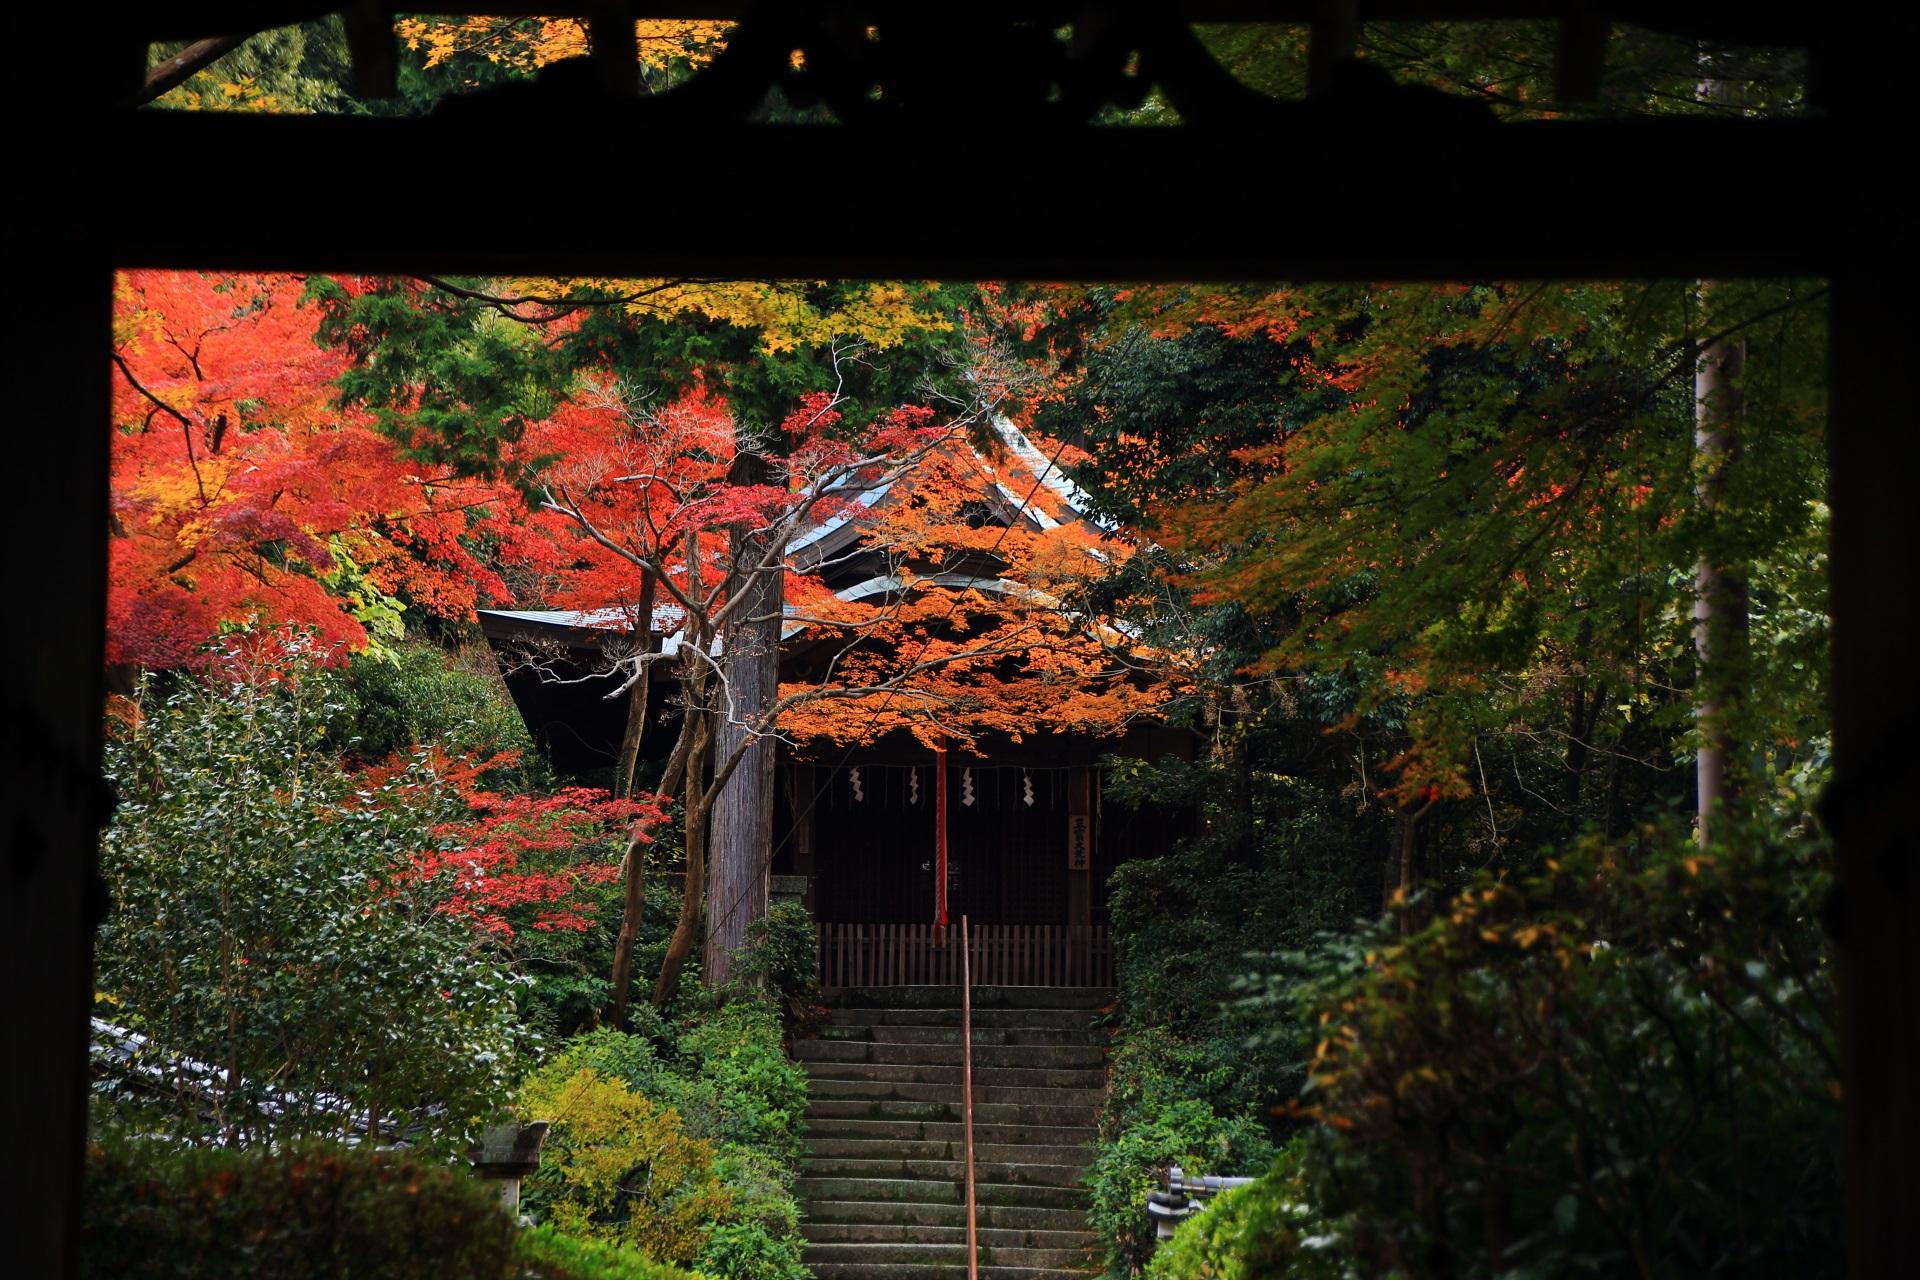 山門の下から眺めた鮮やかな紅葉に彩られる来迎院の石段と荒神堂